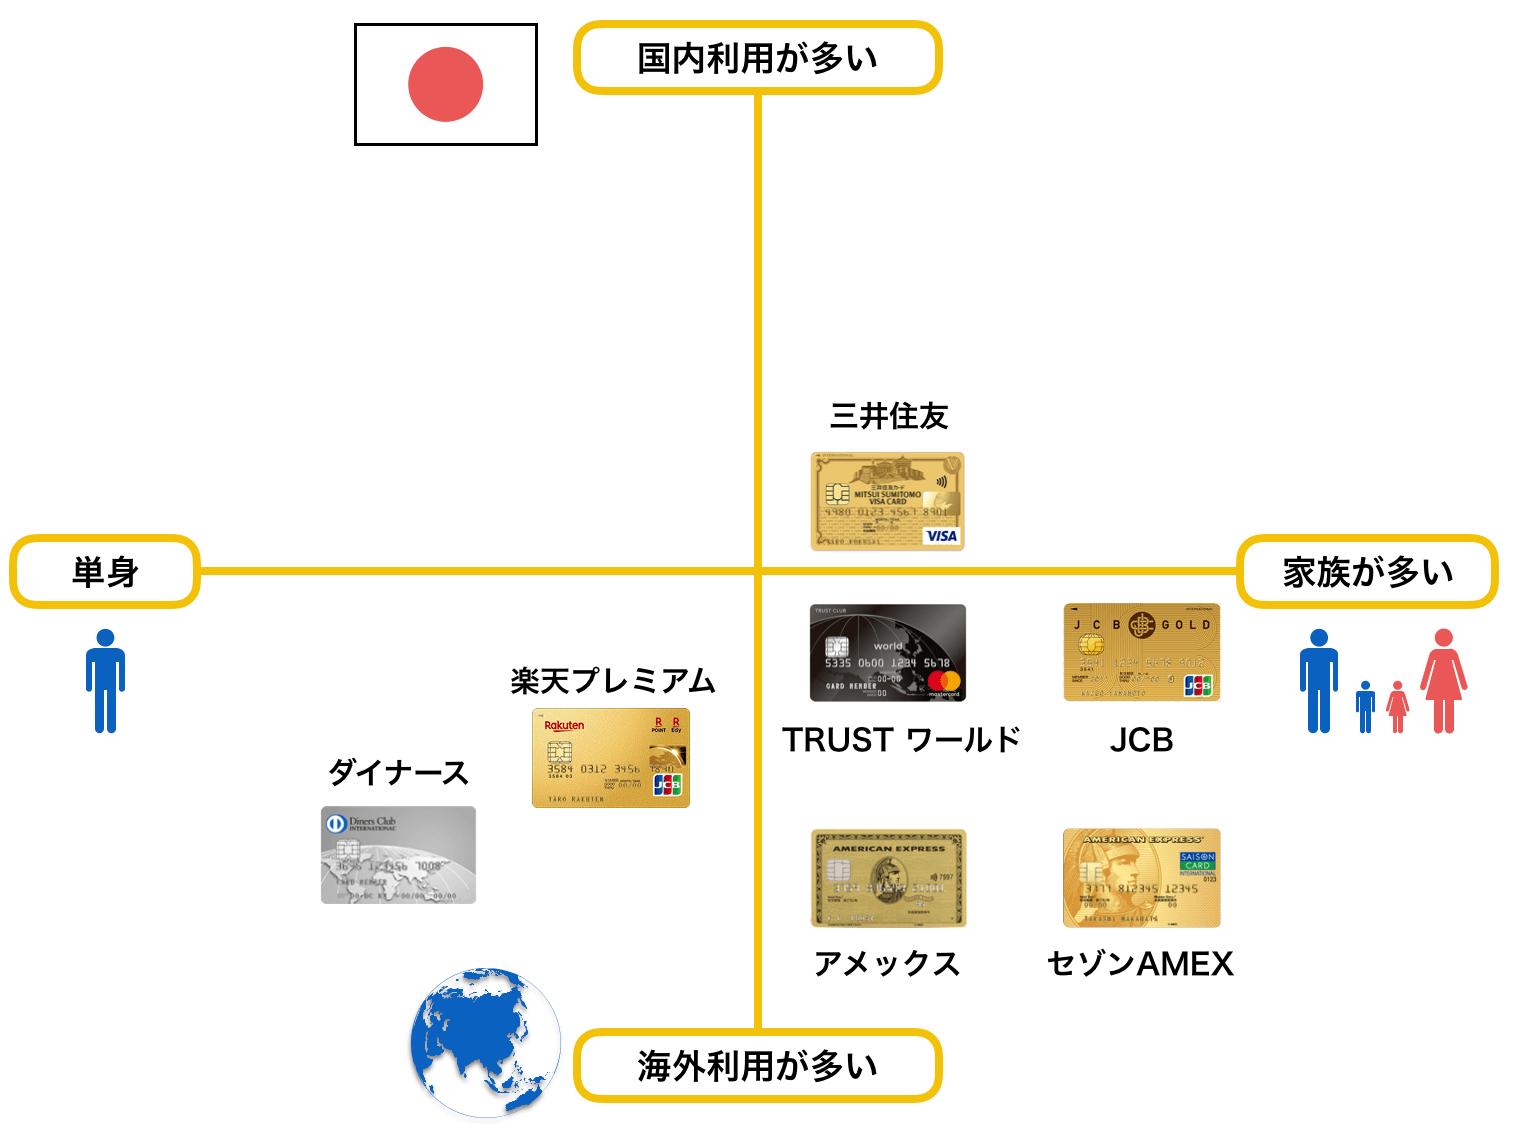 ゴールドカードのおすすめ 30代 ポジショニングマップ(2019年7月版)